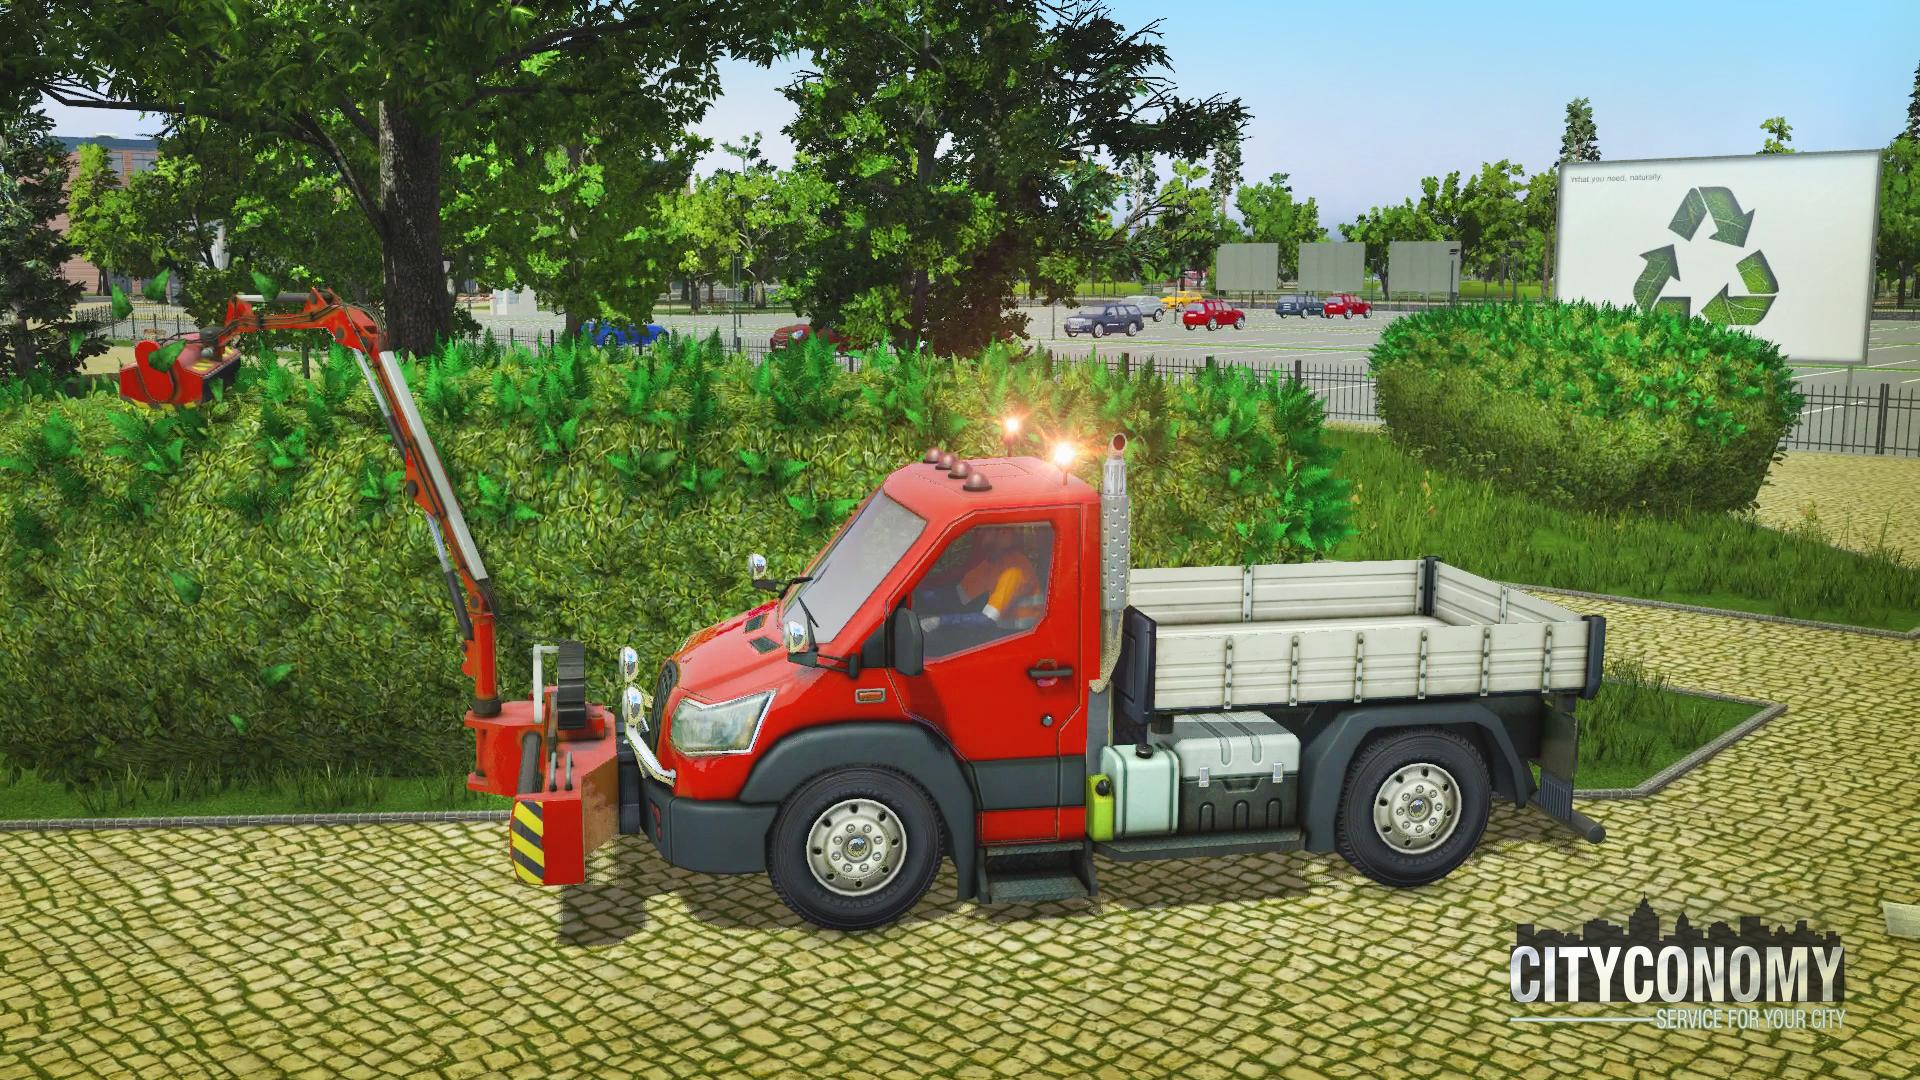 V simulátoru Cityconomy se budete starat o veřejné služby města 116070